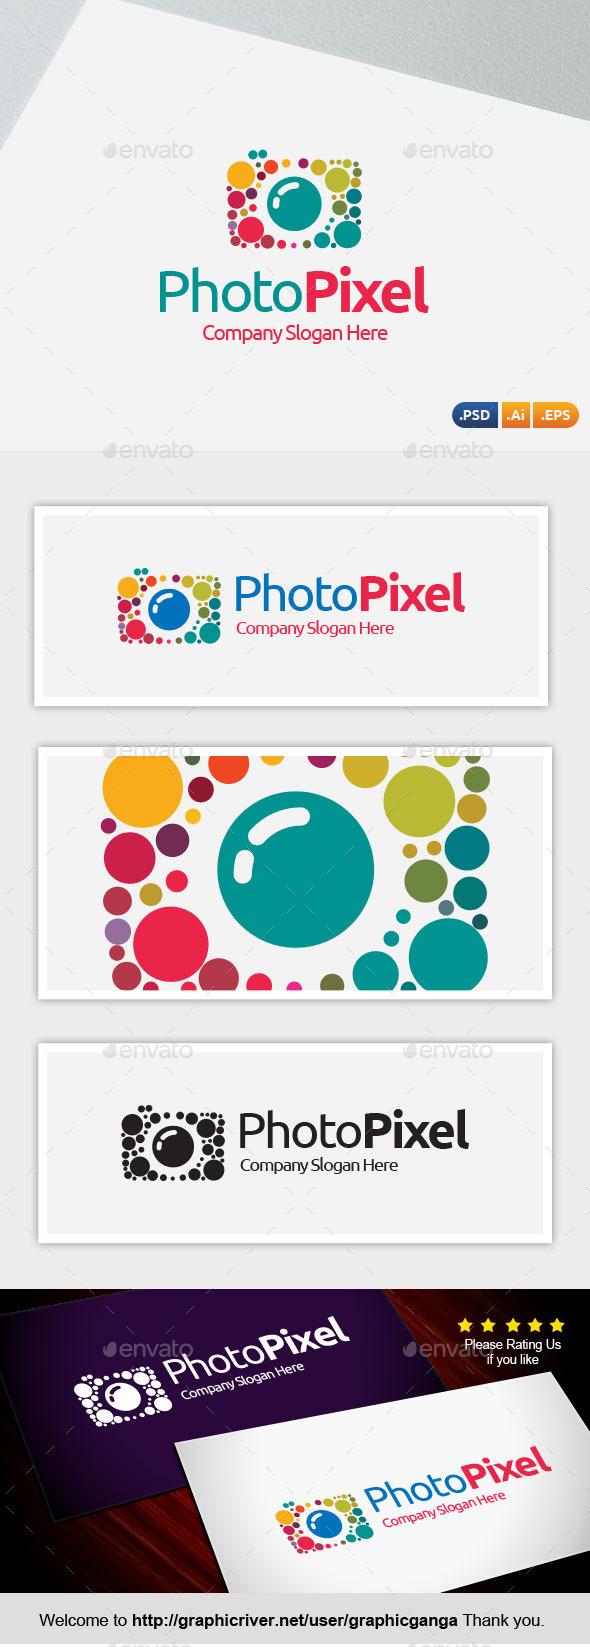 GraphicRiver Photo Pixel 10584751